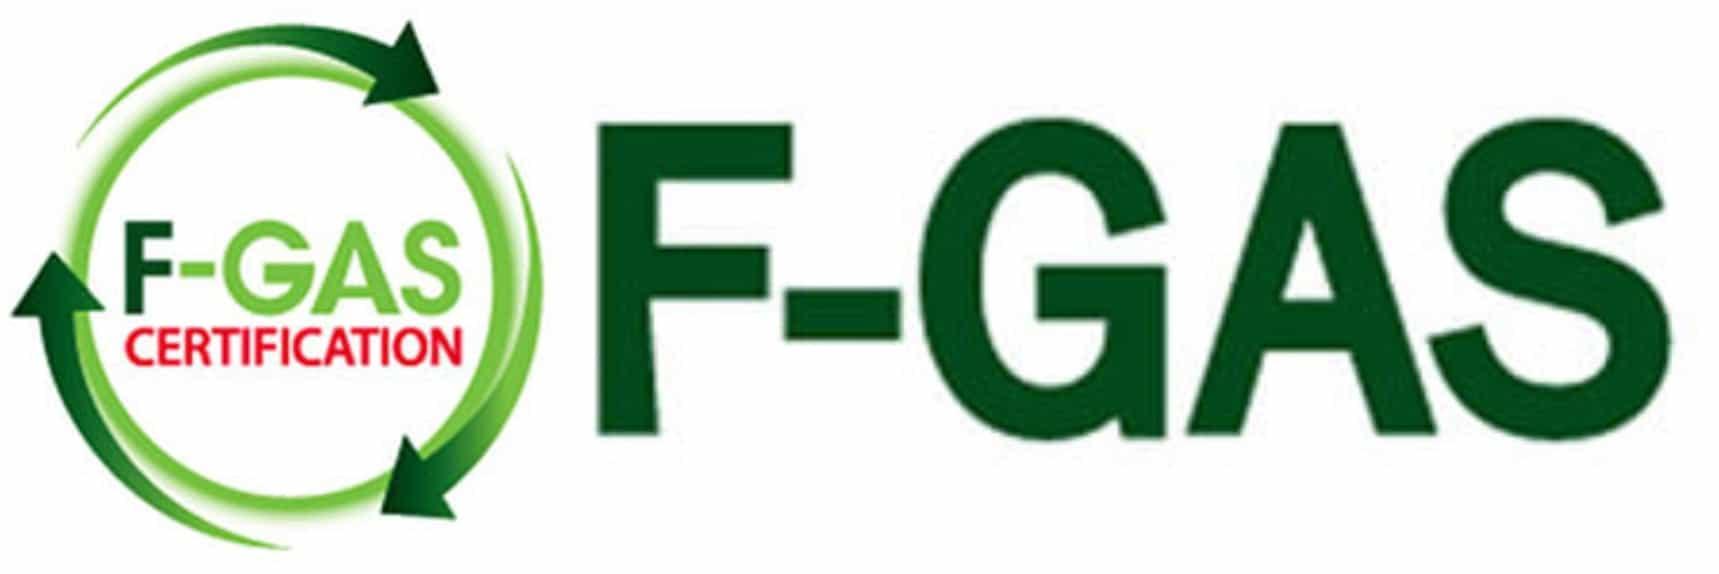 F-Gas. Riparte! Prendi il Patentino con ZeroUno a Settembre | ZeroUno | F - GAS LOGO